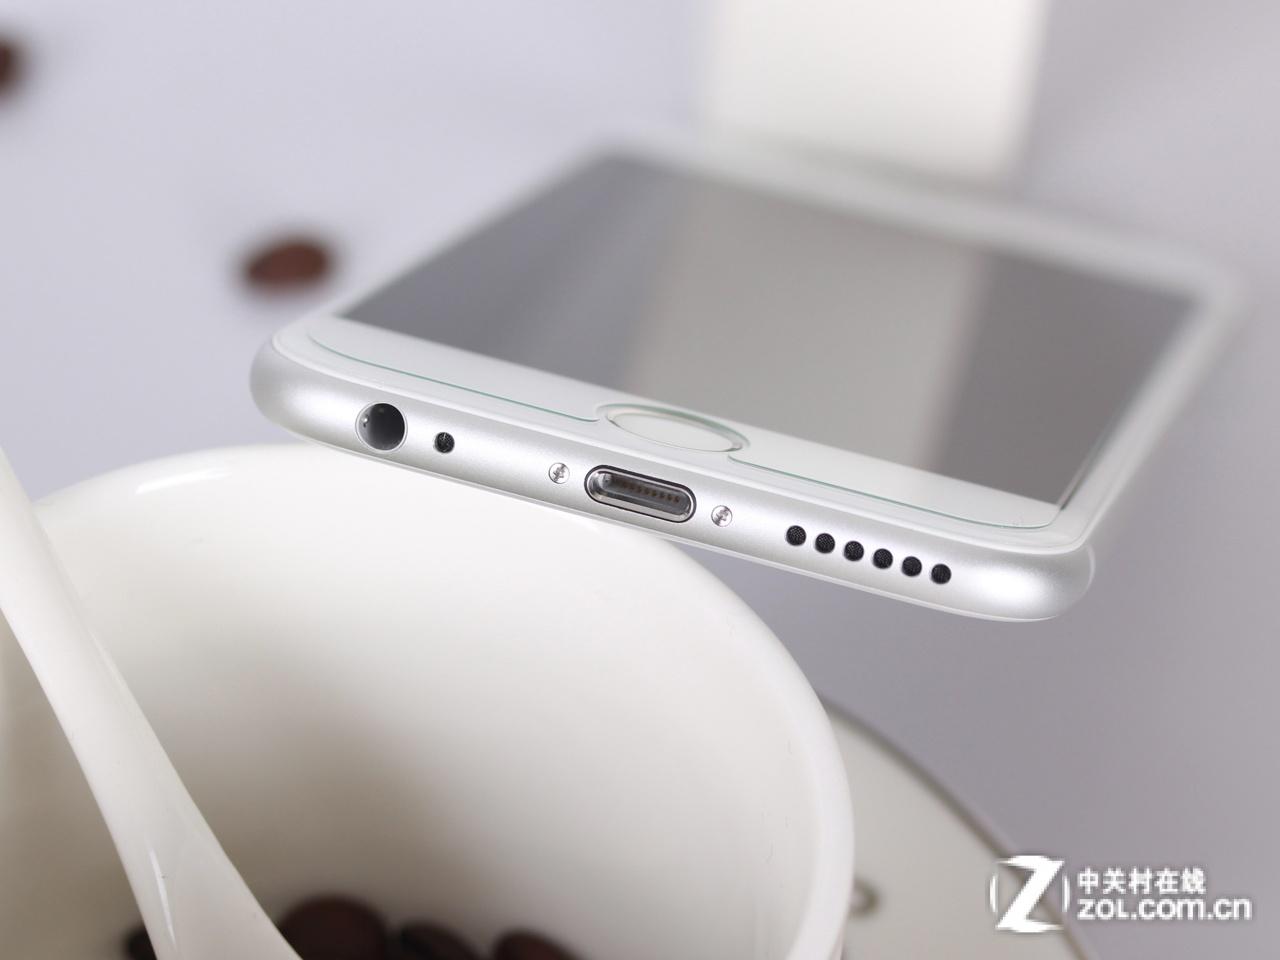 美版商家来袭苹果iphone6低价报4270元手机opx图片